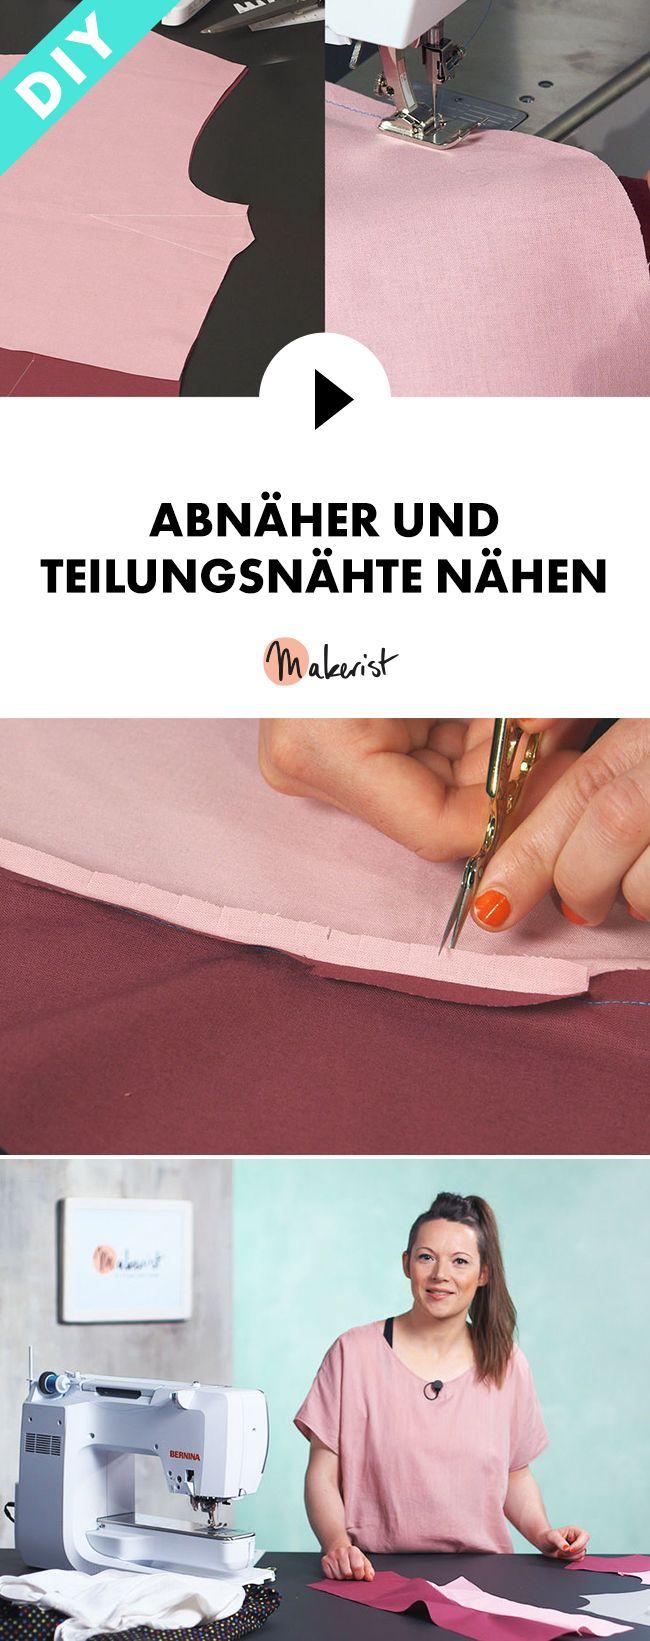 Abnäher und Teilungsnähte nähen lernen - Step by Step erklärt im Video-Kurs via Makerist.de